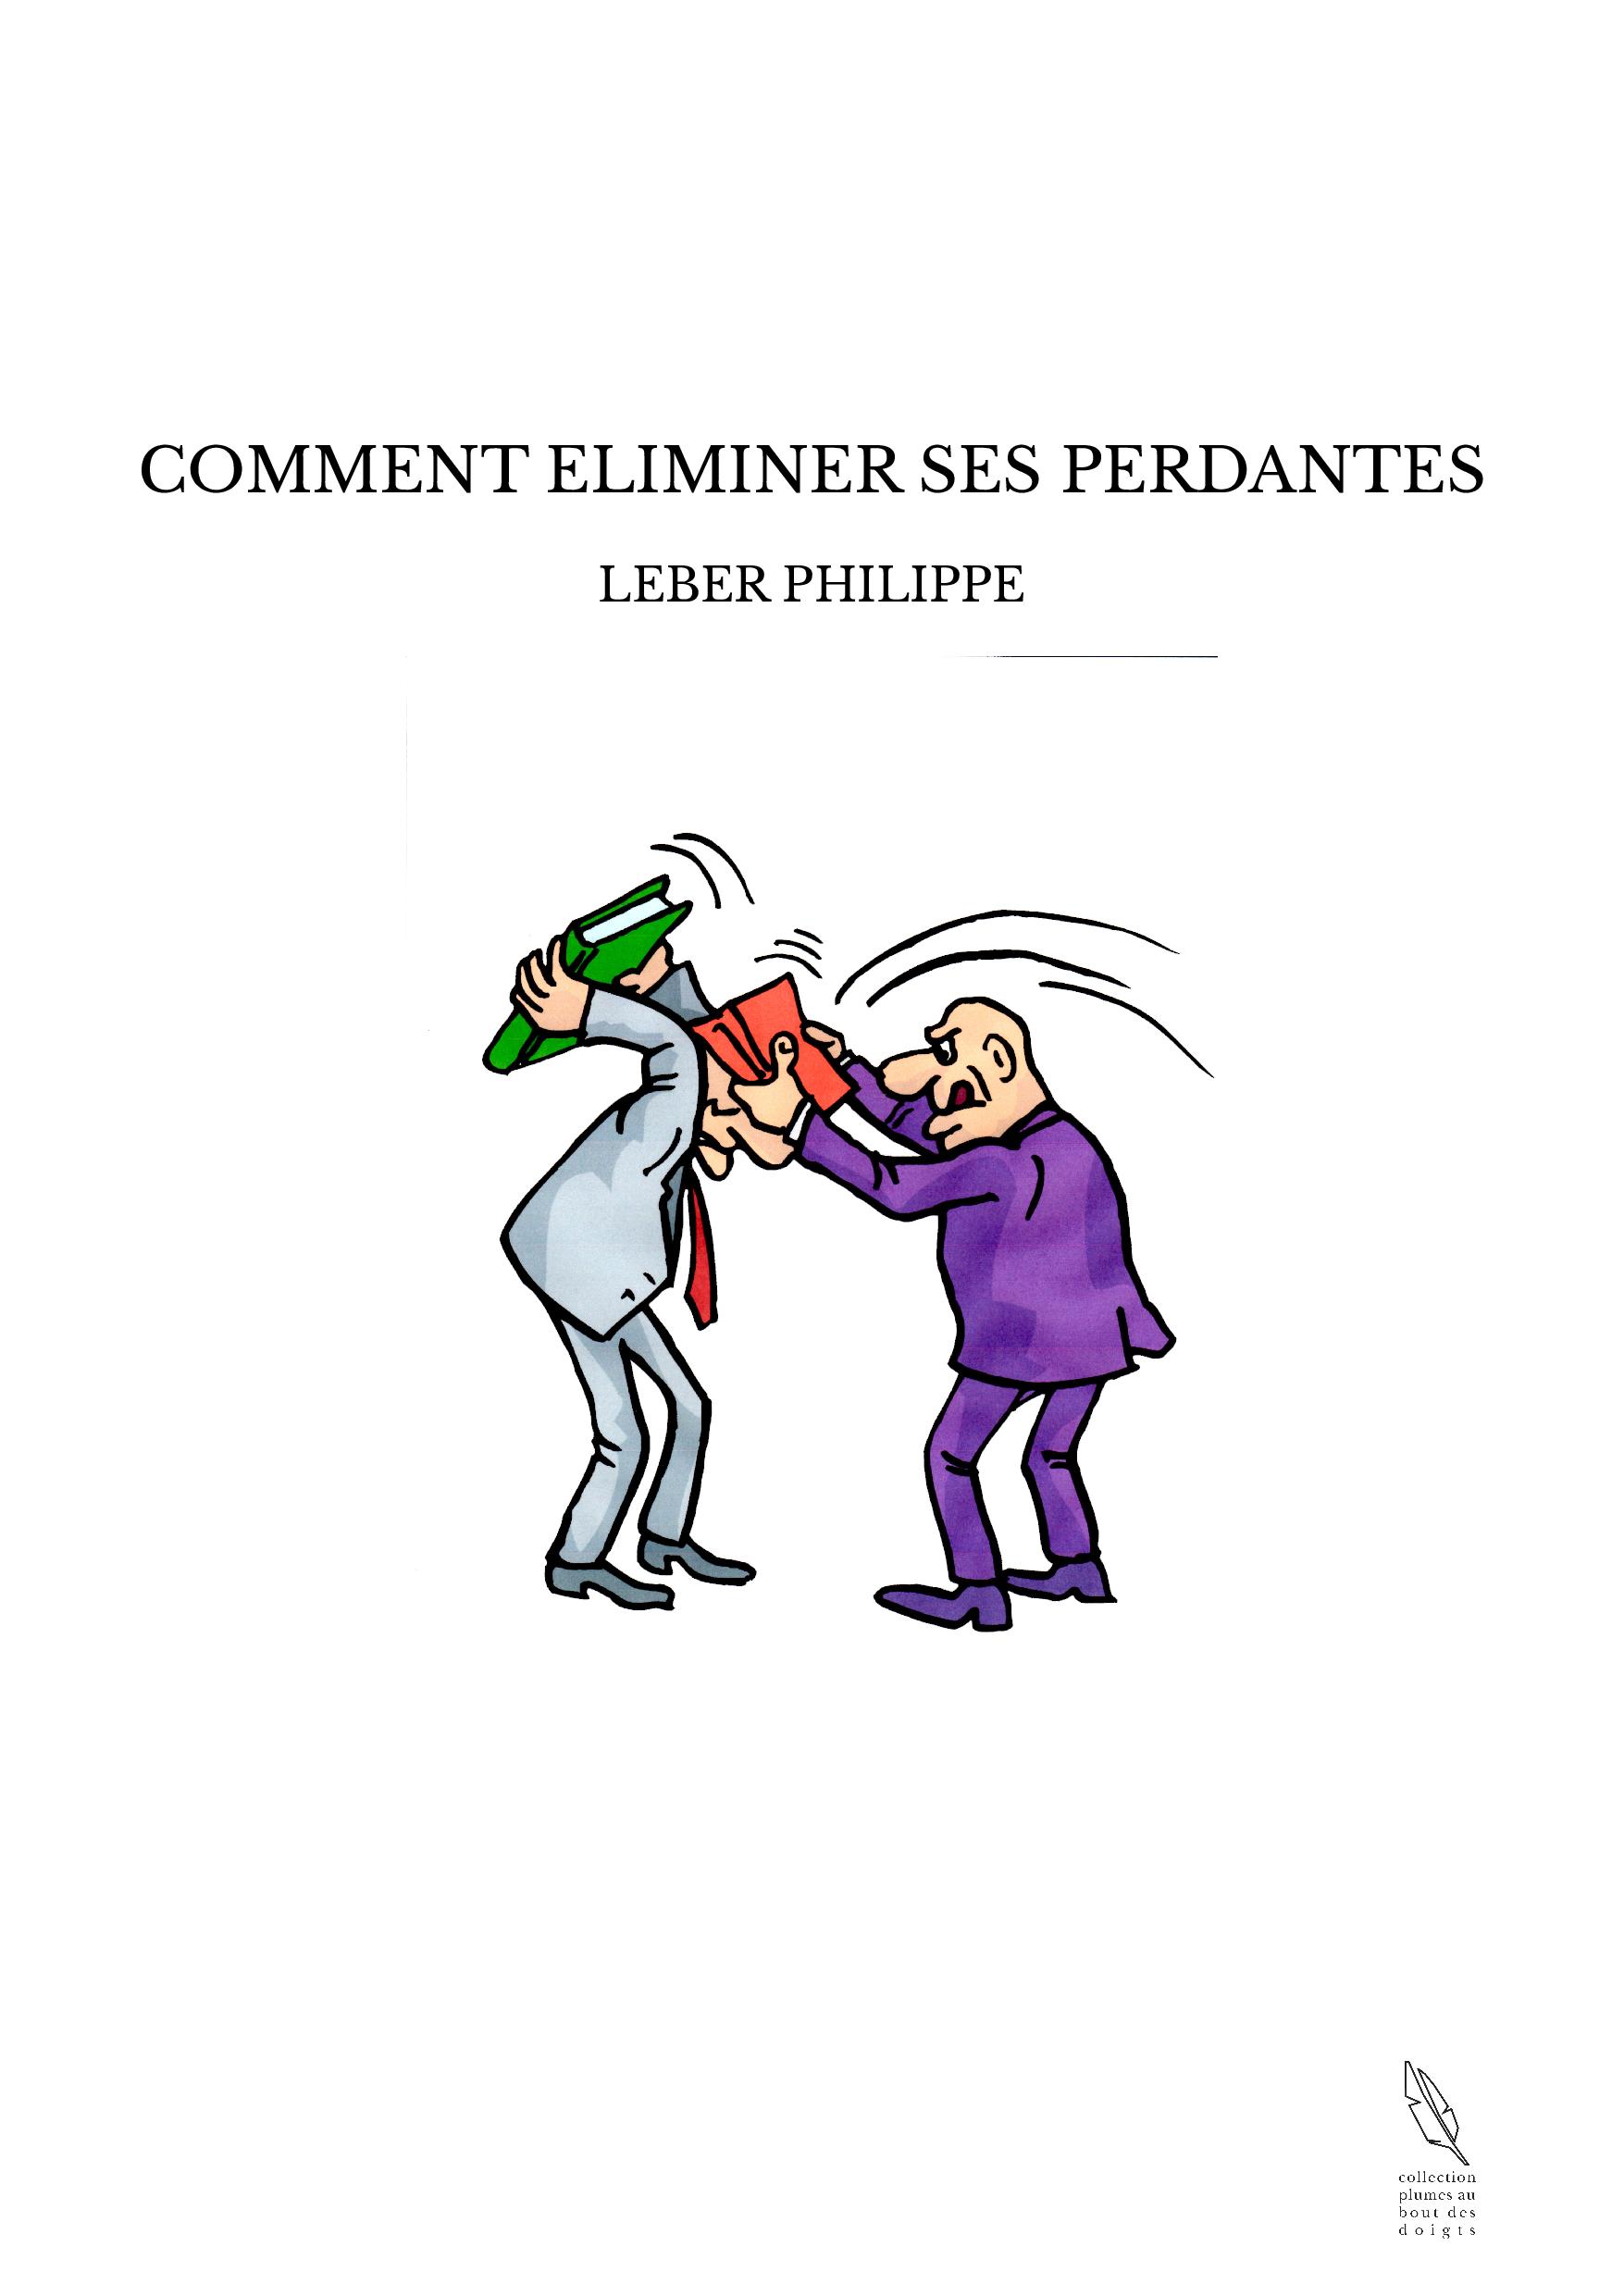 COMMENT ELIMINER SES PERDANTES